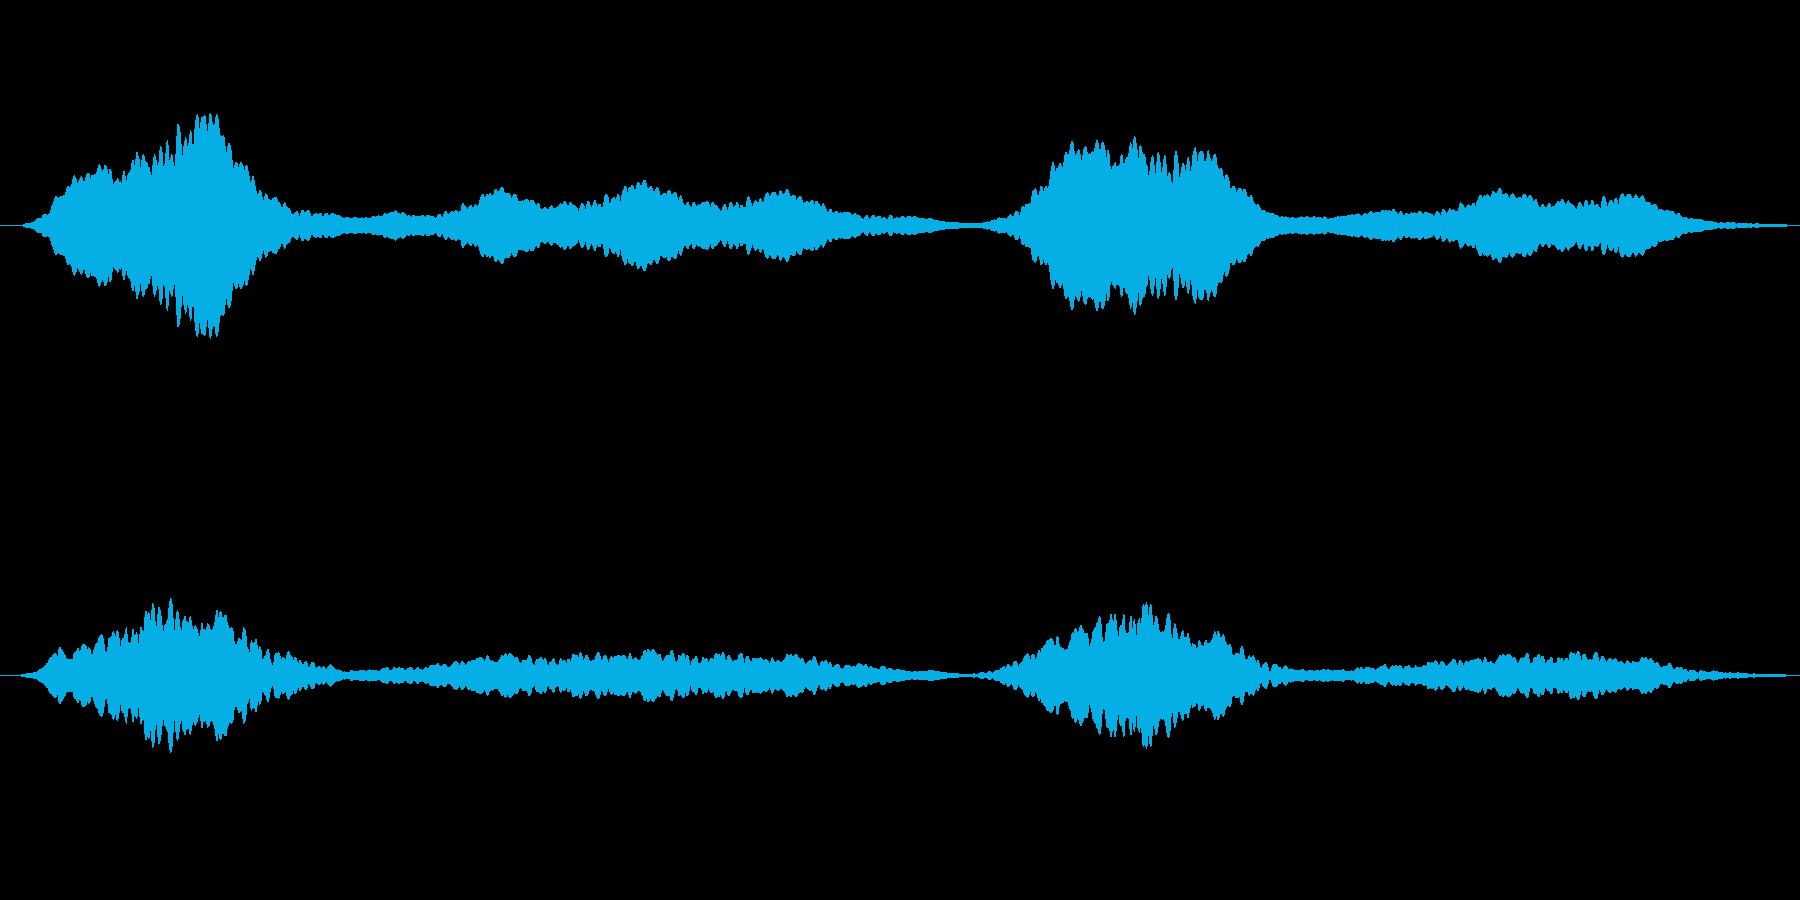 クリスタルの輝き シンプル ループの再生済みの波形